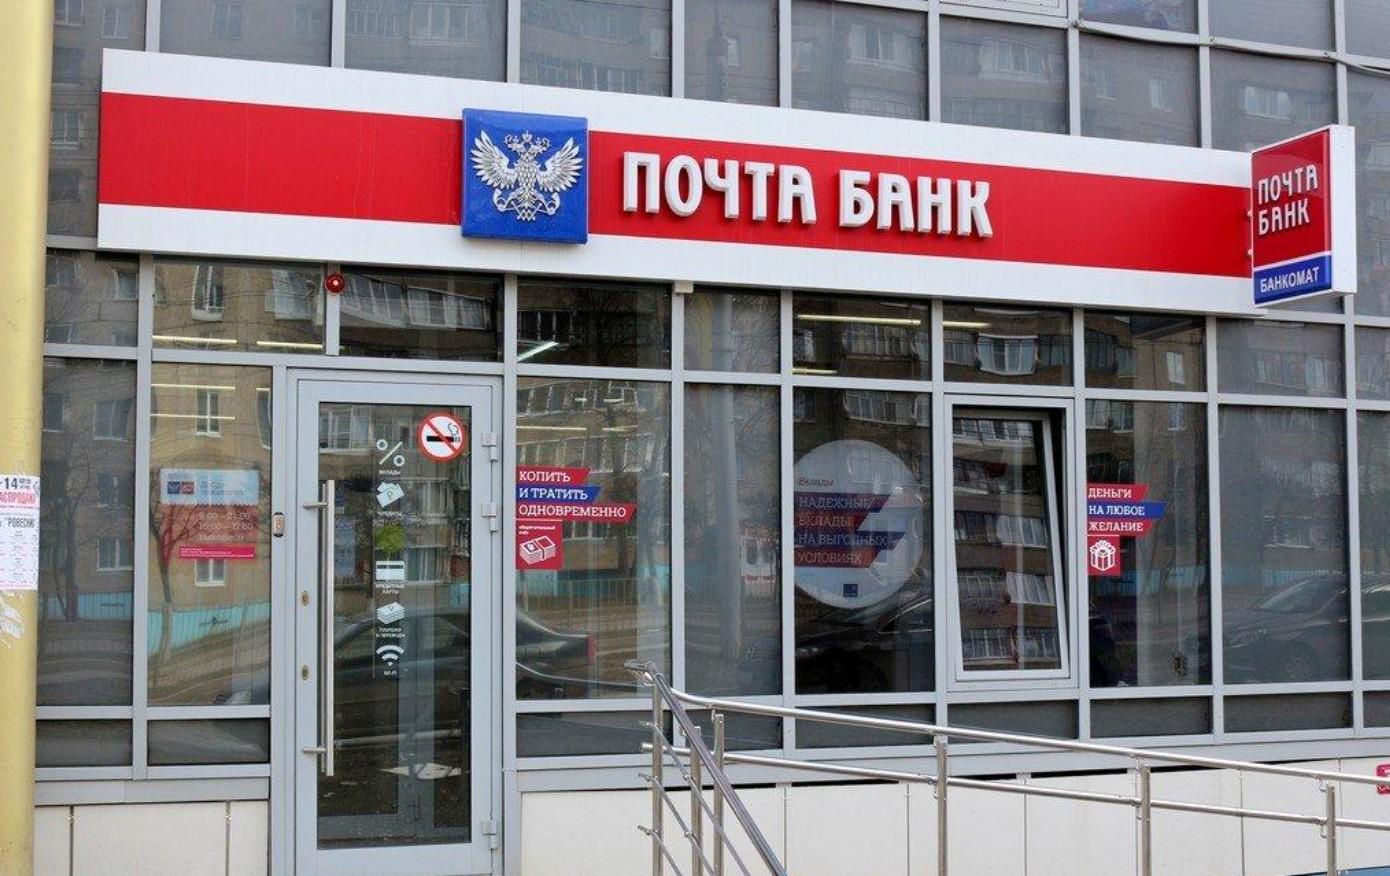 Отделение Почта Банка в Центральном районе Волгограда по проспекту Ленина дом 45